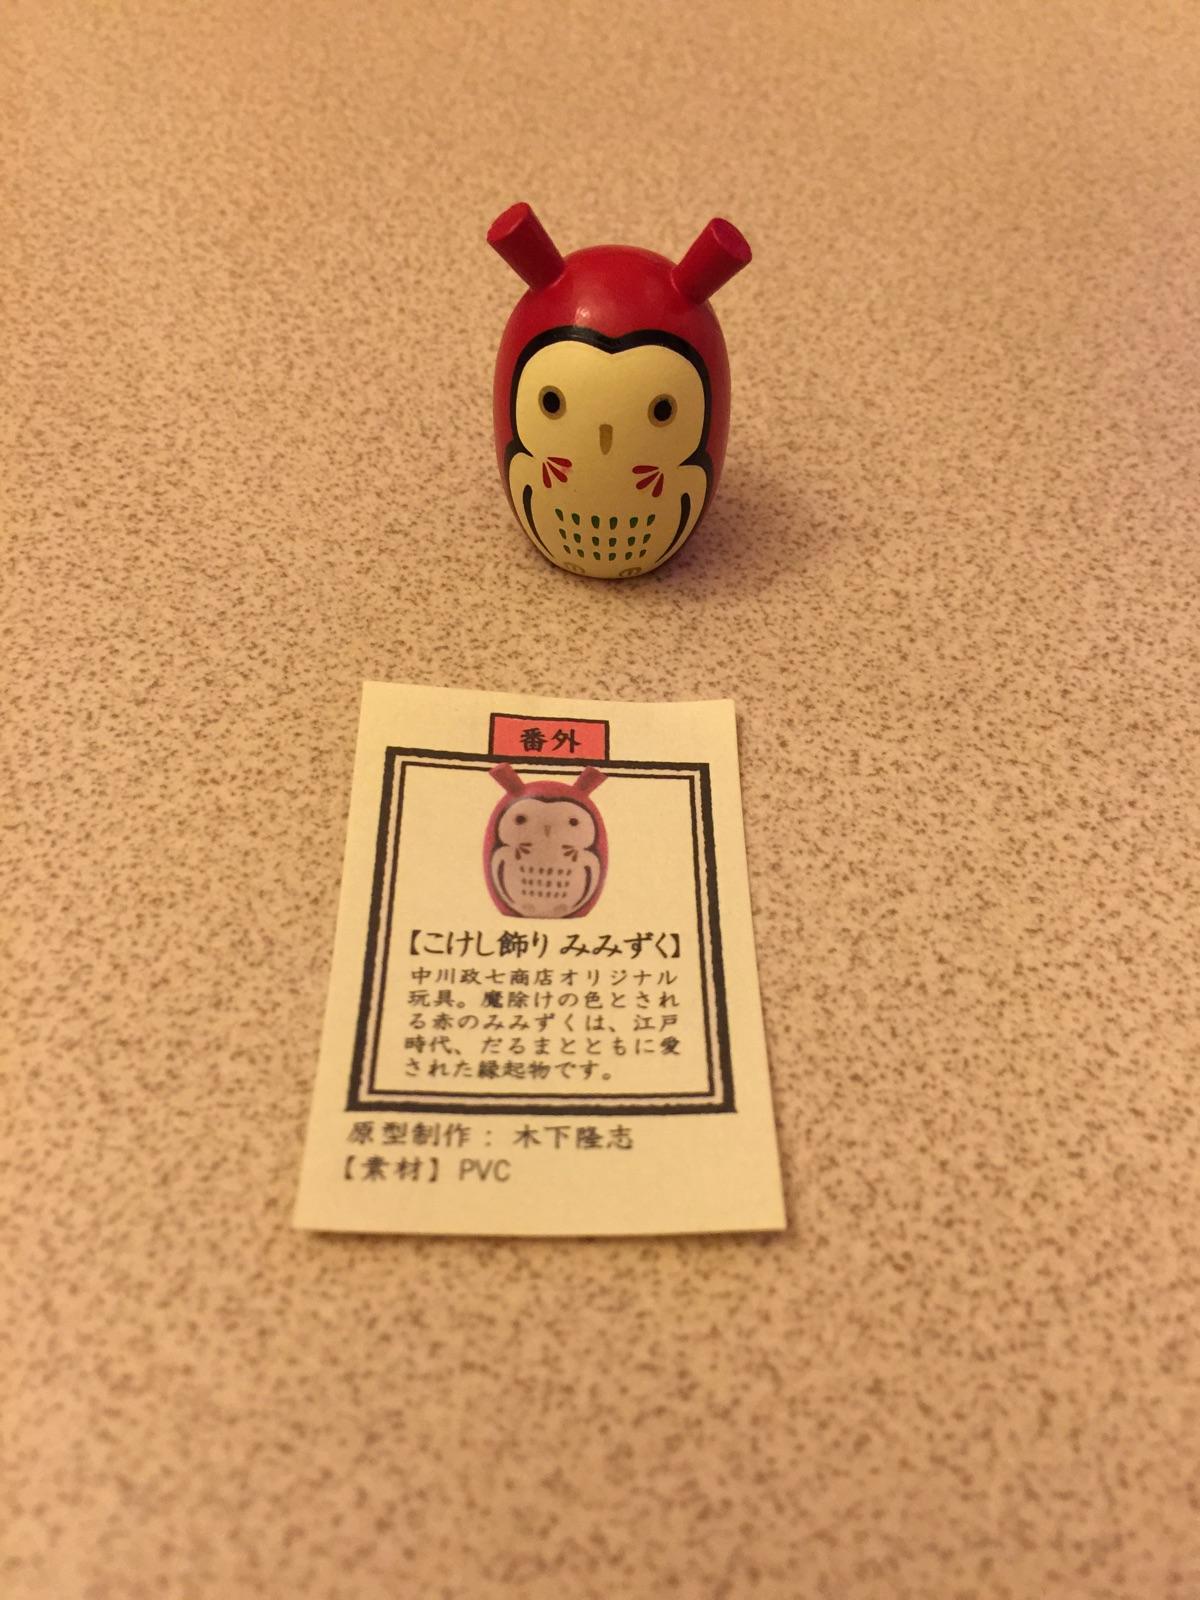 日本全国まめ郷土玩具蒐集(しゅうしゅう)